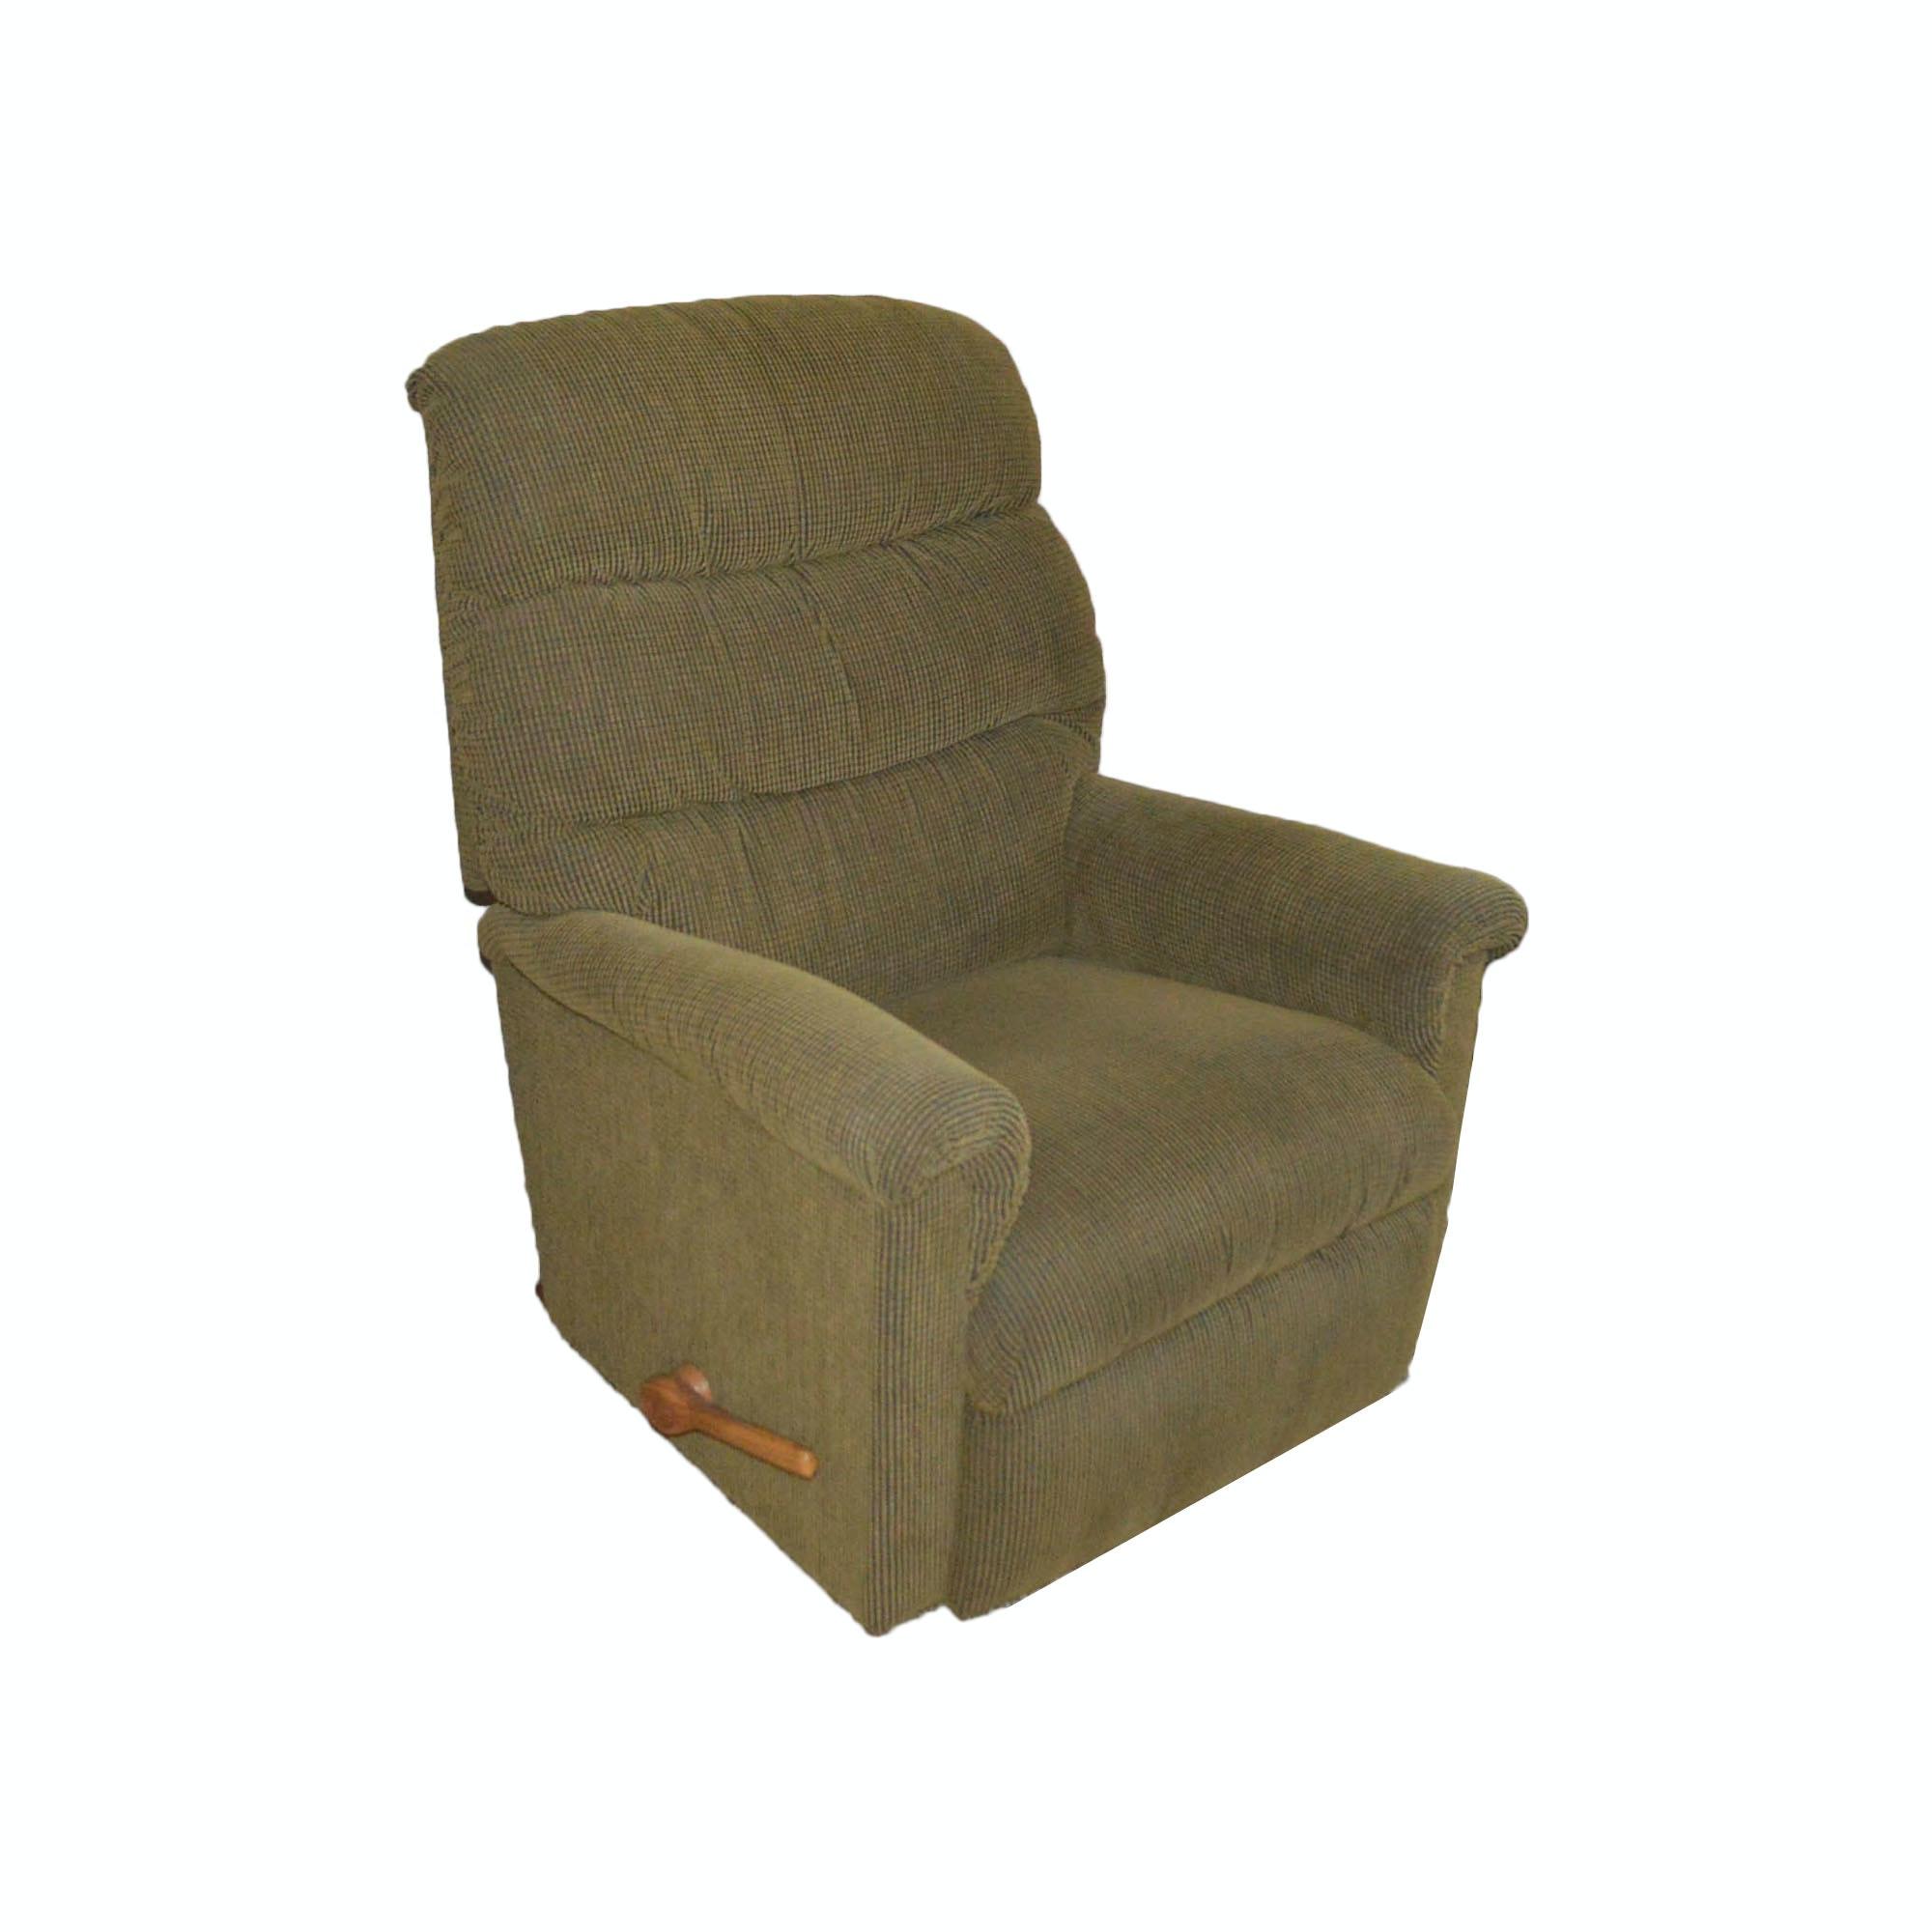 Recliner Chair by La-Z-Boy